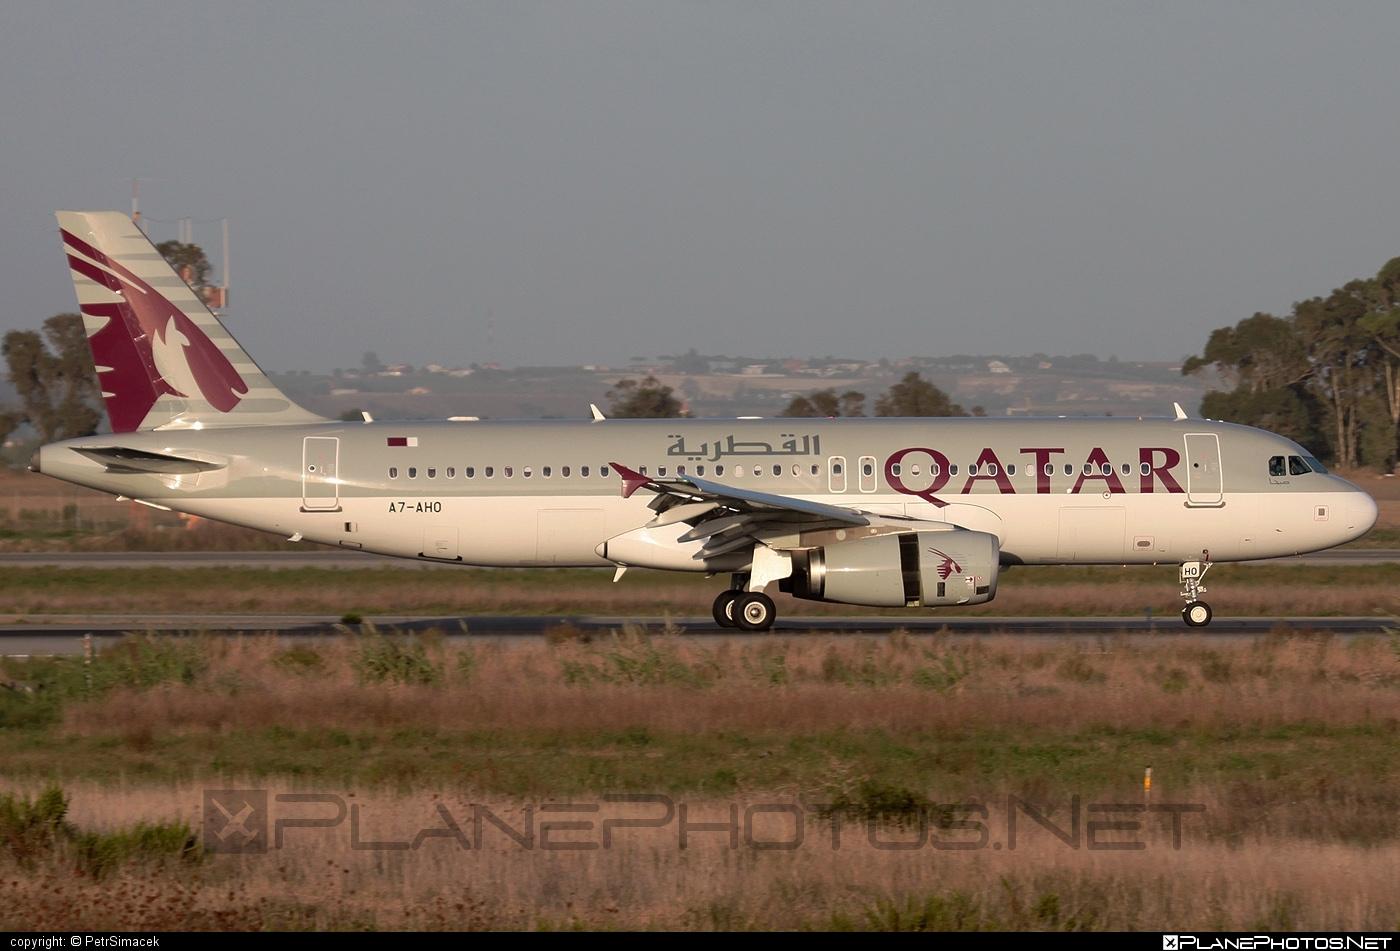 Airbus A320-232 - A7-AHO operated by Qatar Airways #a320 #a320family #airbus #airbus320 #qatarairways